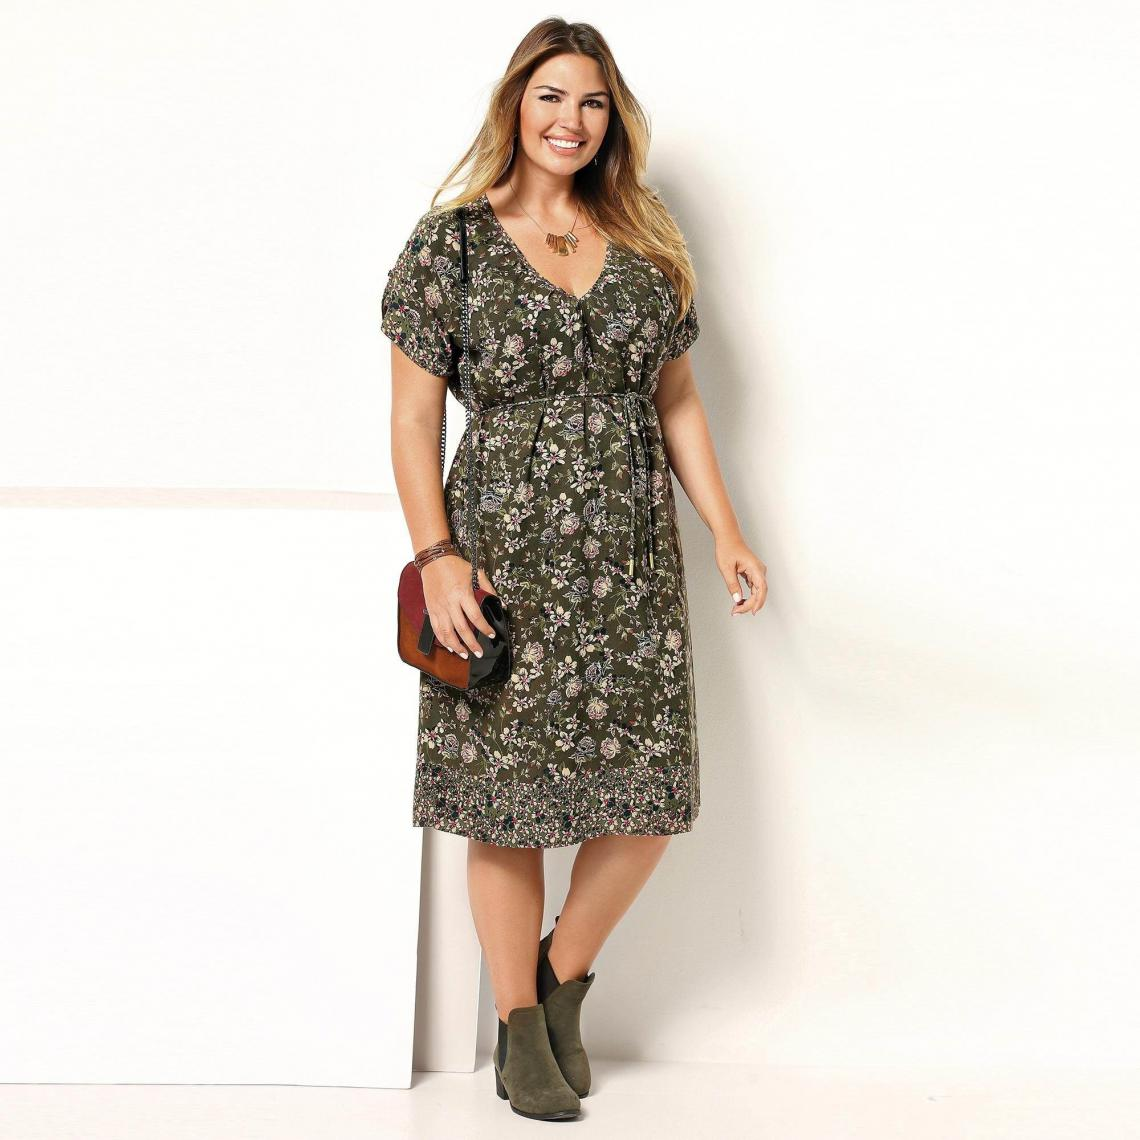 Robe imprimée manches courtes et ceinture femme Exclusivité 3SUISSES -  Imprimé Kaki 3 Suisses Femme 0c4eb0ded47